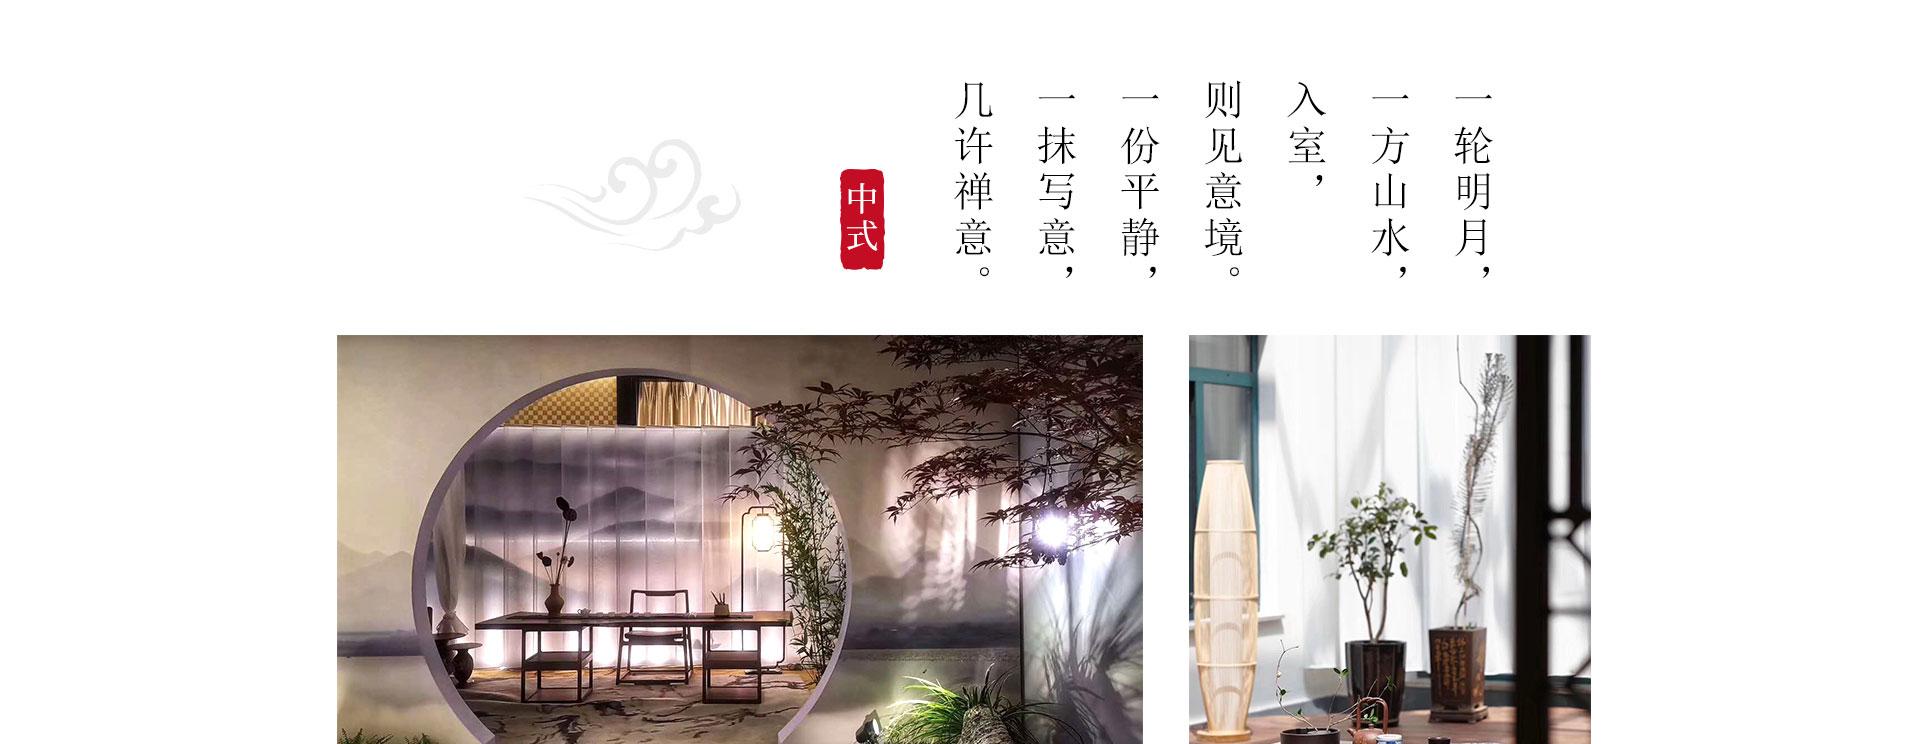 中式设计专题